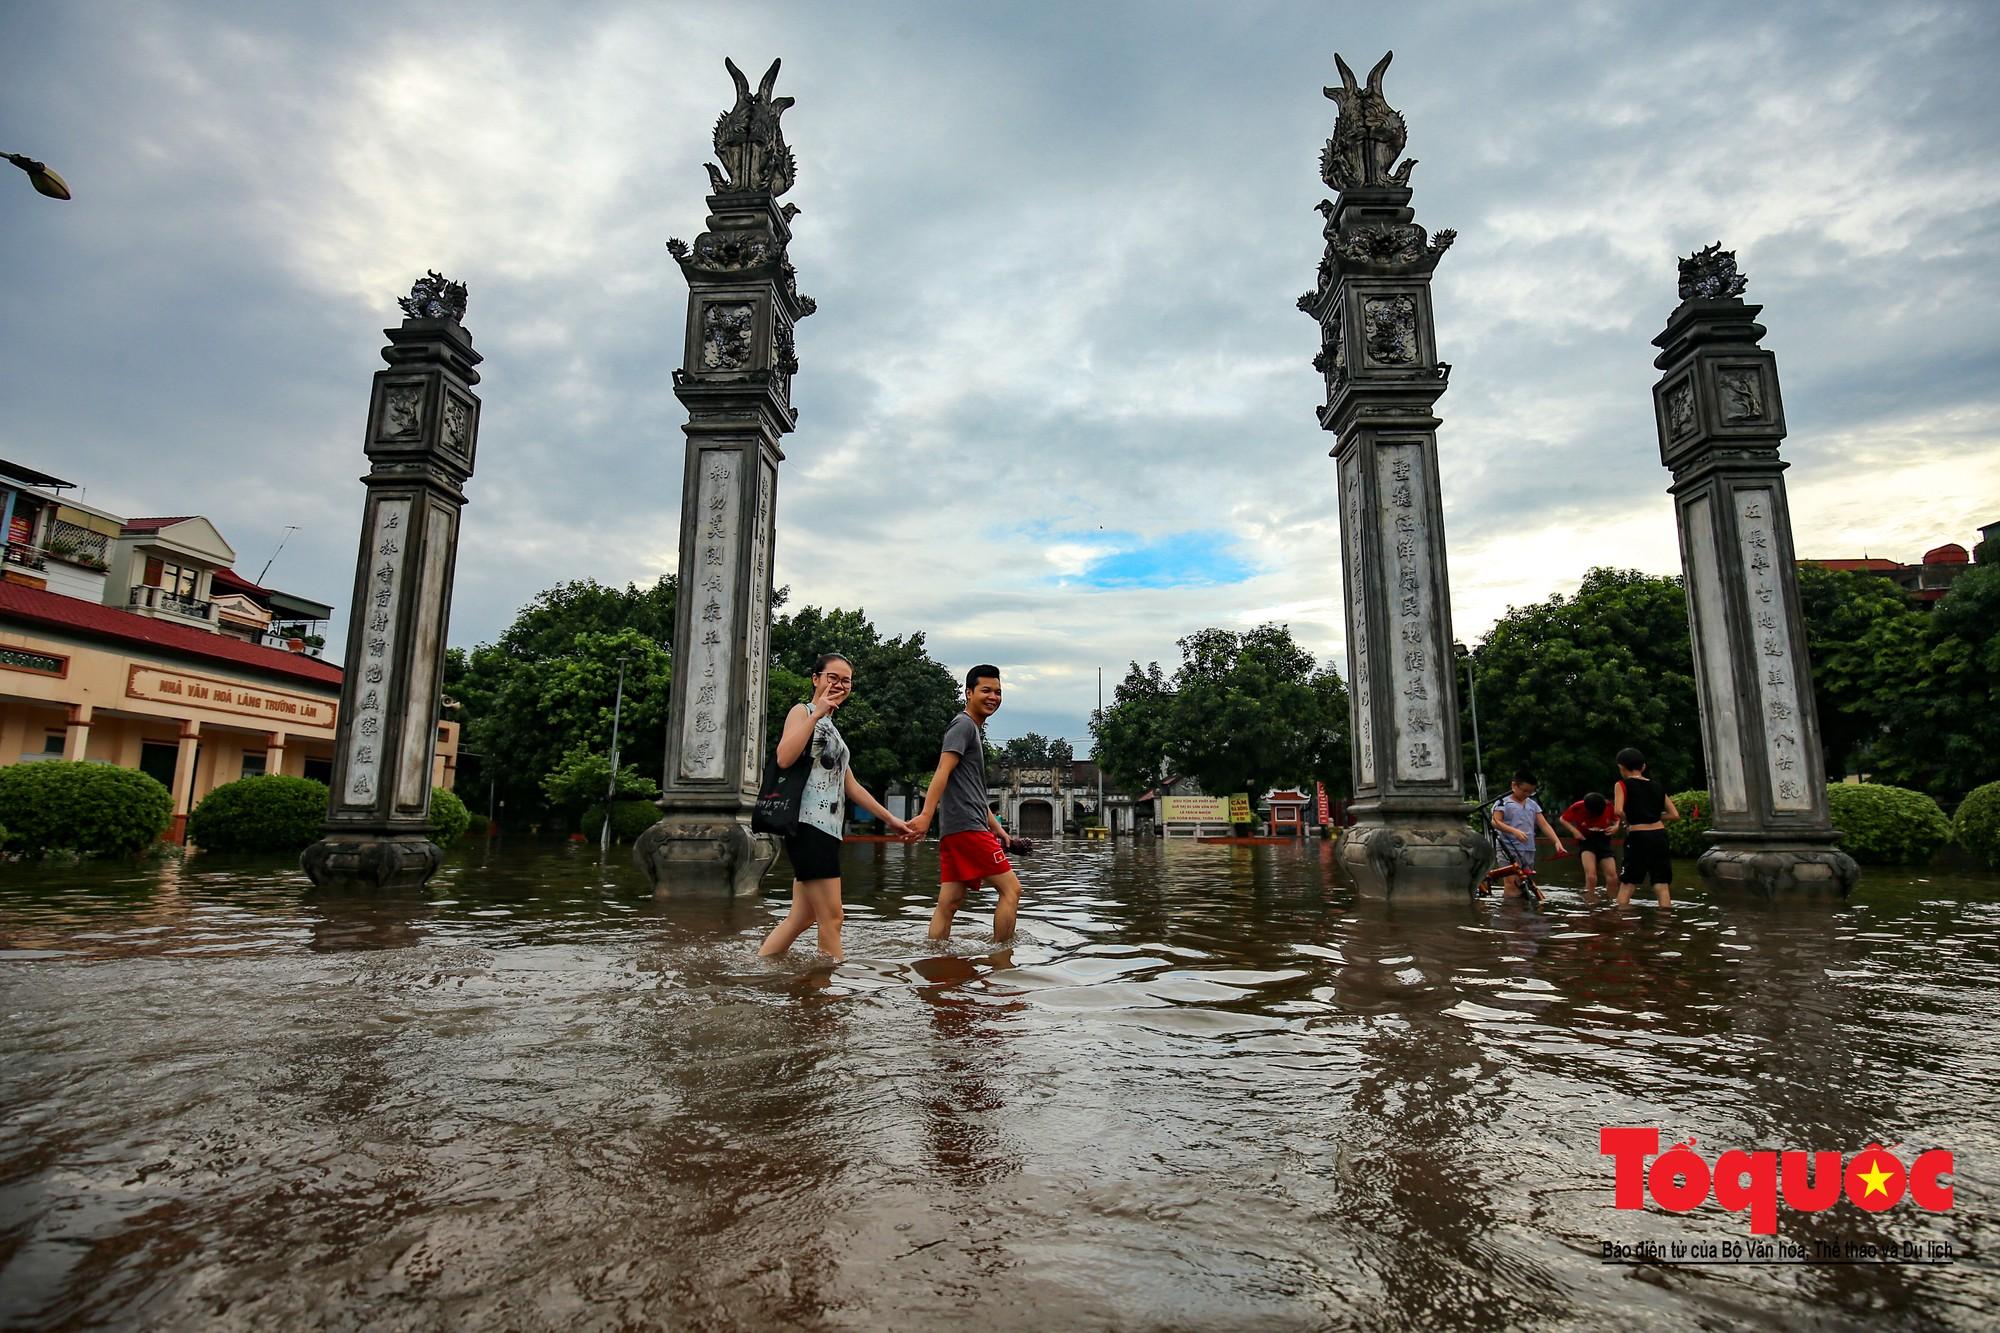 Người dân thủ đô thích thú với công viên nước bất đắc dĩ trong sân đình10